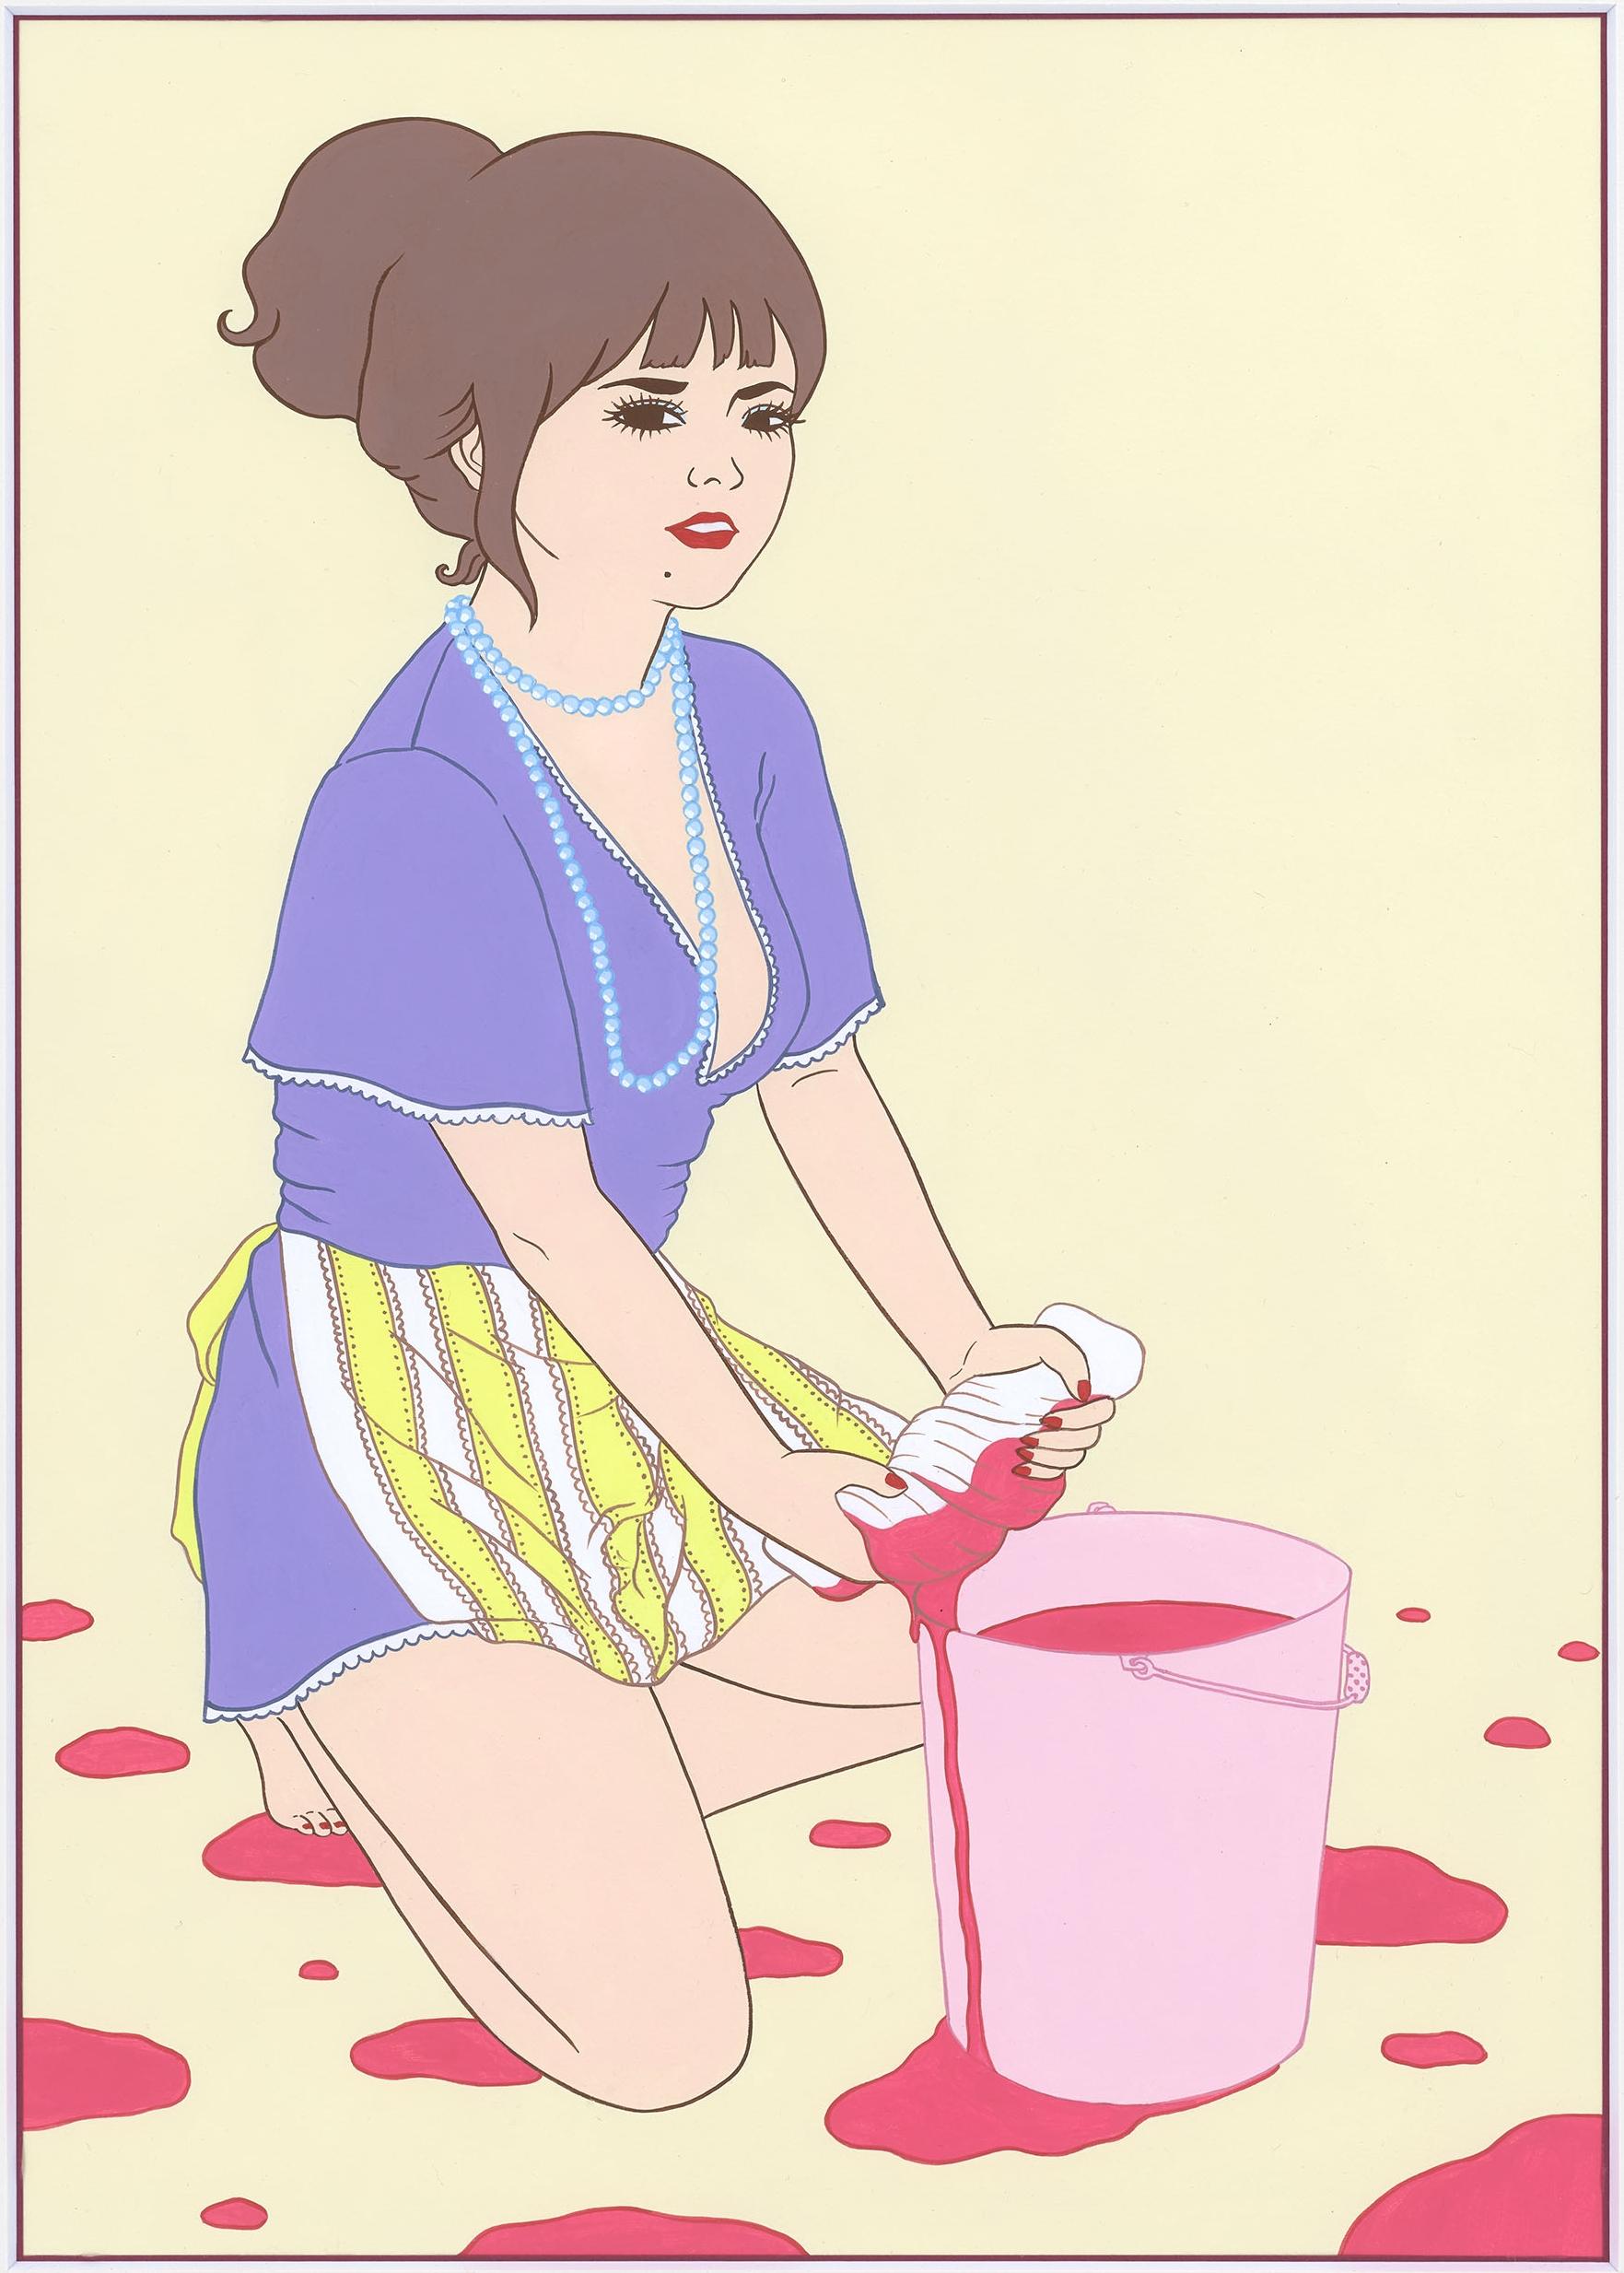 女の子の心をわしづかみにする大人気のイラストレーター 竹井千佳 初のイラスト全集遂に発売 渡辺直美 も大絶賛 コメントをいただきました Radiodtm